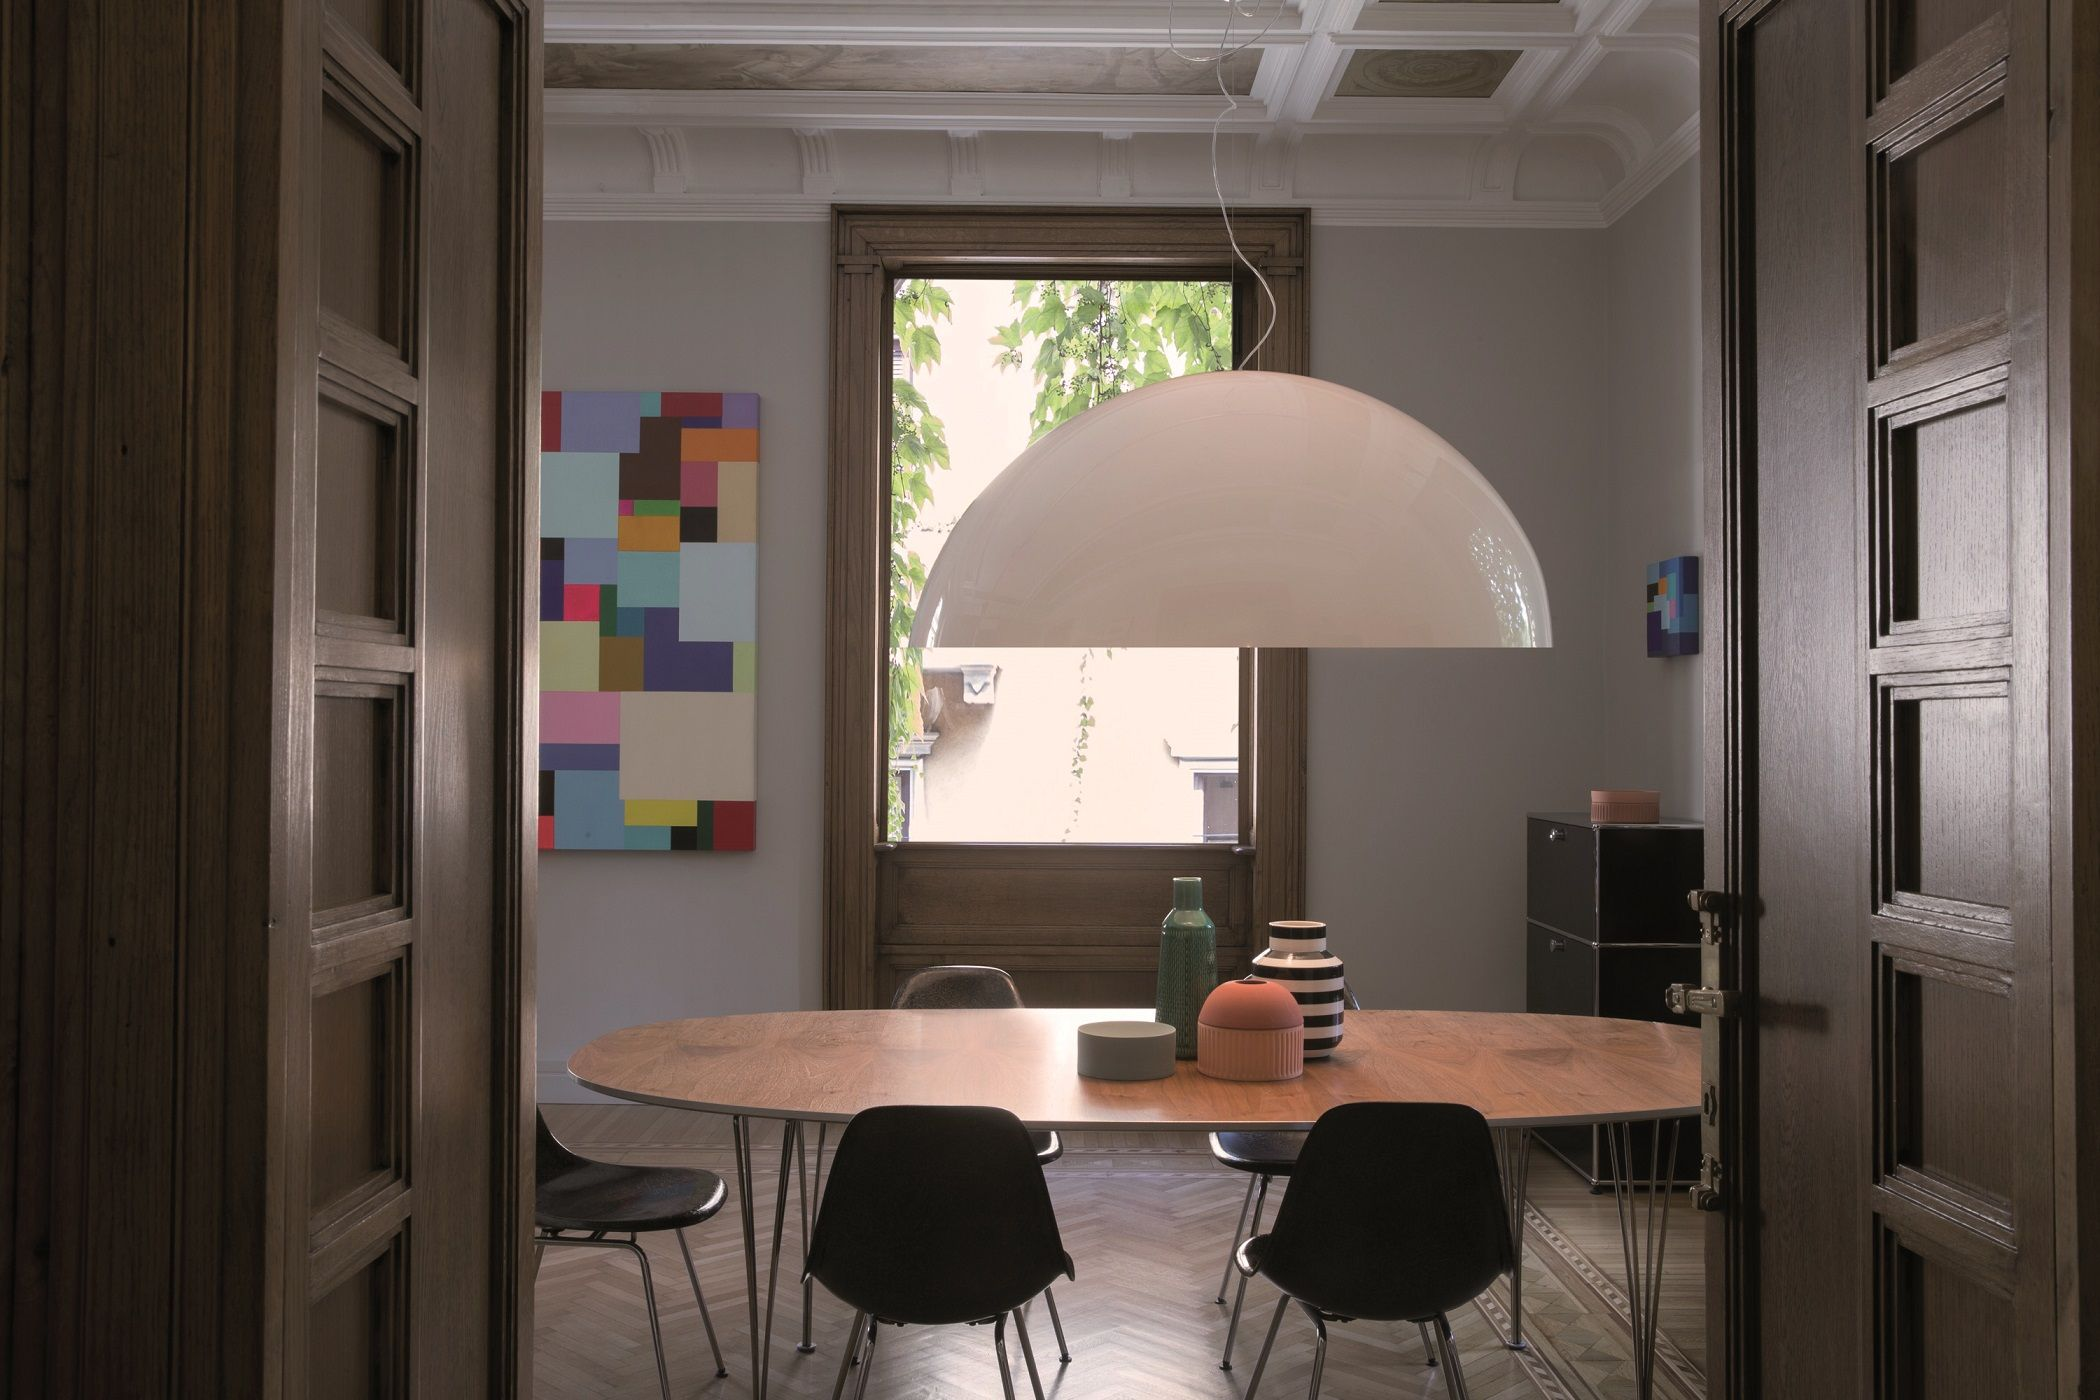 Visita la nostra collezione di lampade da parete per trovare un magnifico complemento per il tuo salone o una lampada singola per apportare un tocco di carattere alla stanza. Lampadari A Sospensione Di Design